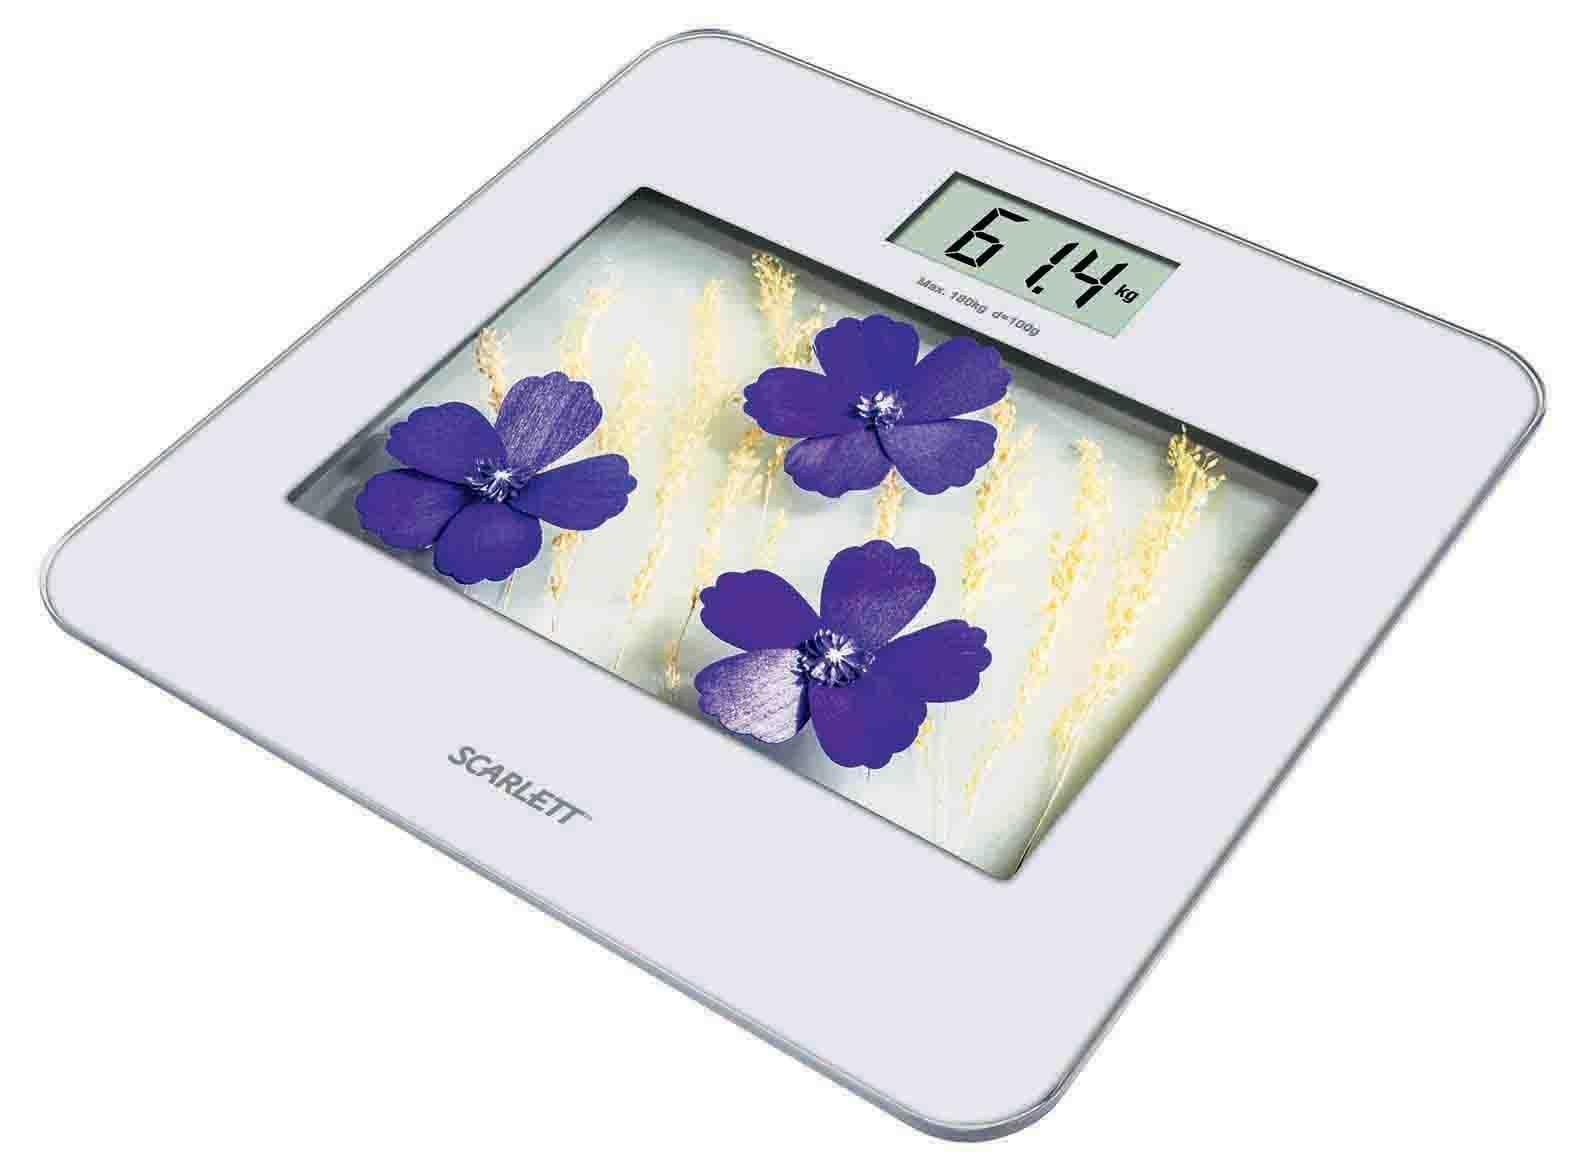 Scarlett SC-BS33E002, Violet Flowers весы напольные электронныеSC-BS33E002Напольные весы Scarlett SC-BS33E002 изготовлены из ударопрочного стекла и оформлены в сдержанном стиле. Весы имеют стандартную точность измерения, равную 100 грамм. Устройство измеряет массу тела в килограммах и работает от стандартных батареек ААА (4 шт). Электронный дисплей отображает большие цифры, которые можно будет увидеть с высоты человеческого роста. Также данная модель имеет прорезиненные ножки, для большей устойчивости.